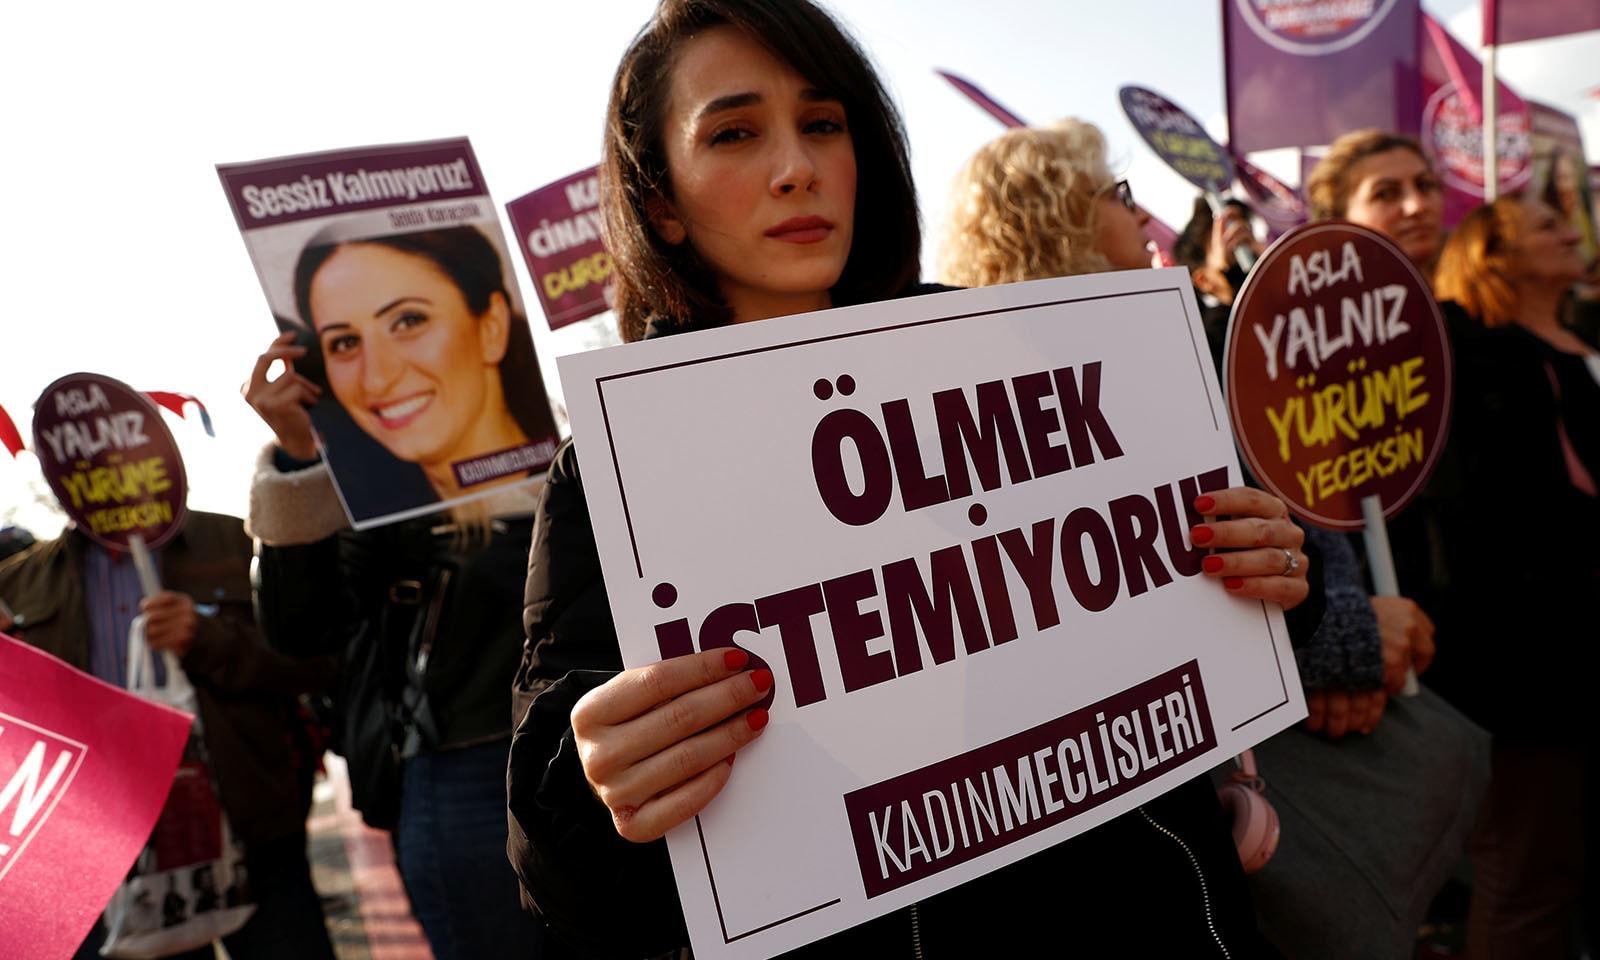 ترکی میں بھی اس حوالے سے یونیورسٹی کی طالبات نے مظاہرے کیے — فوٹو: رائٹرز